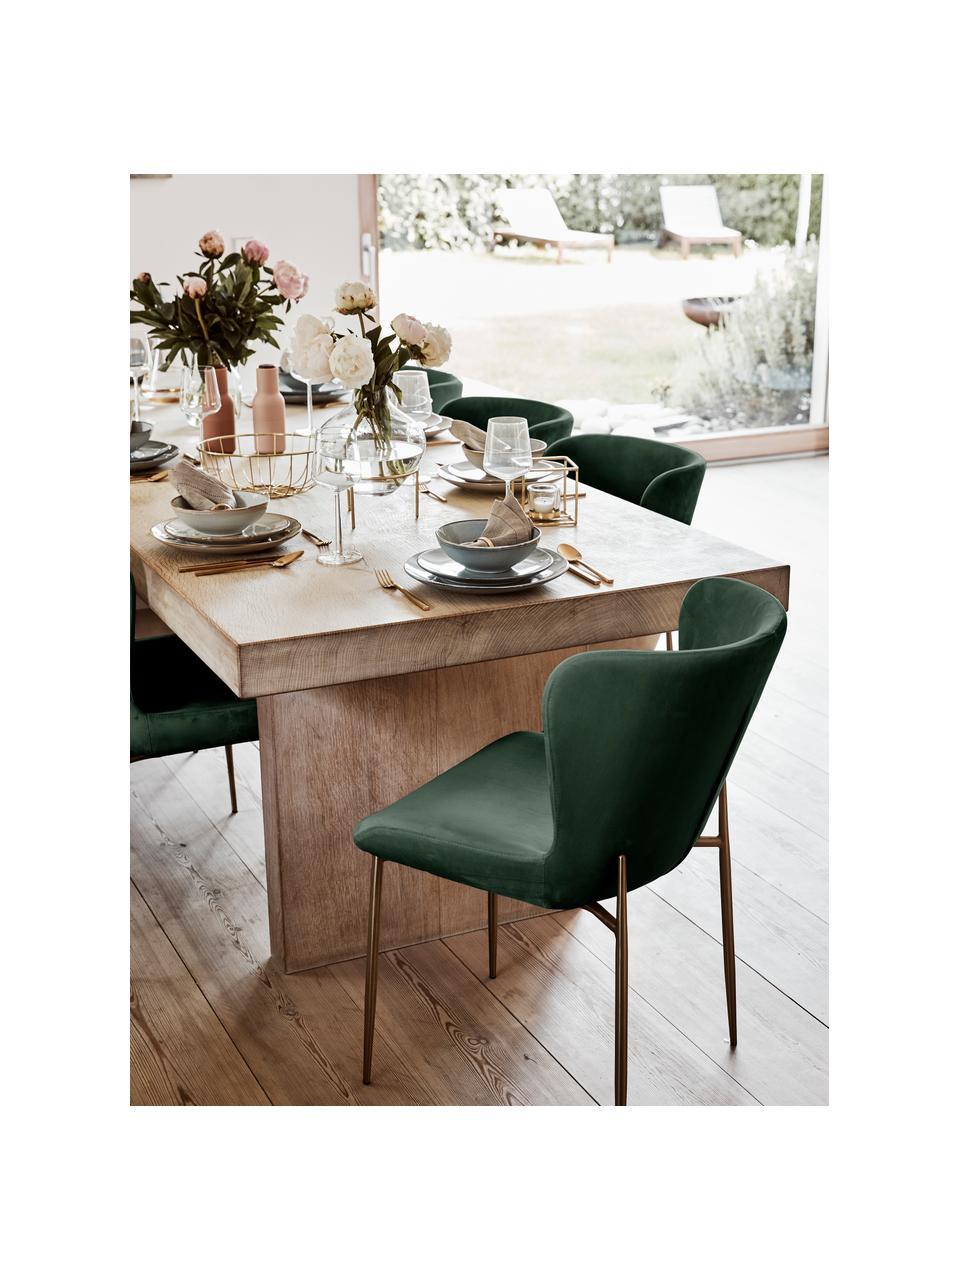 Krzesło tapicerowane z aksamitu Tess, Tapicerka: aksamit (poliester) Dzięk, Nogi: metal malowany proszkowo, Aksamitny zielony, złoty, S 49 x W 84 cm